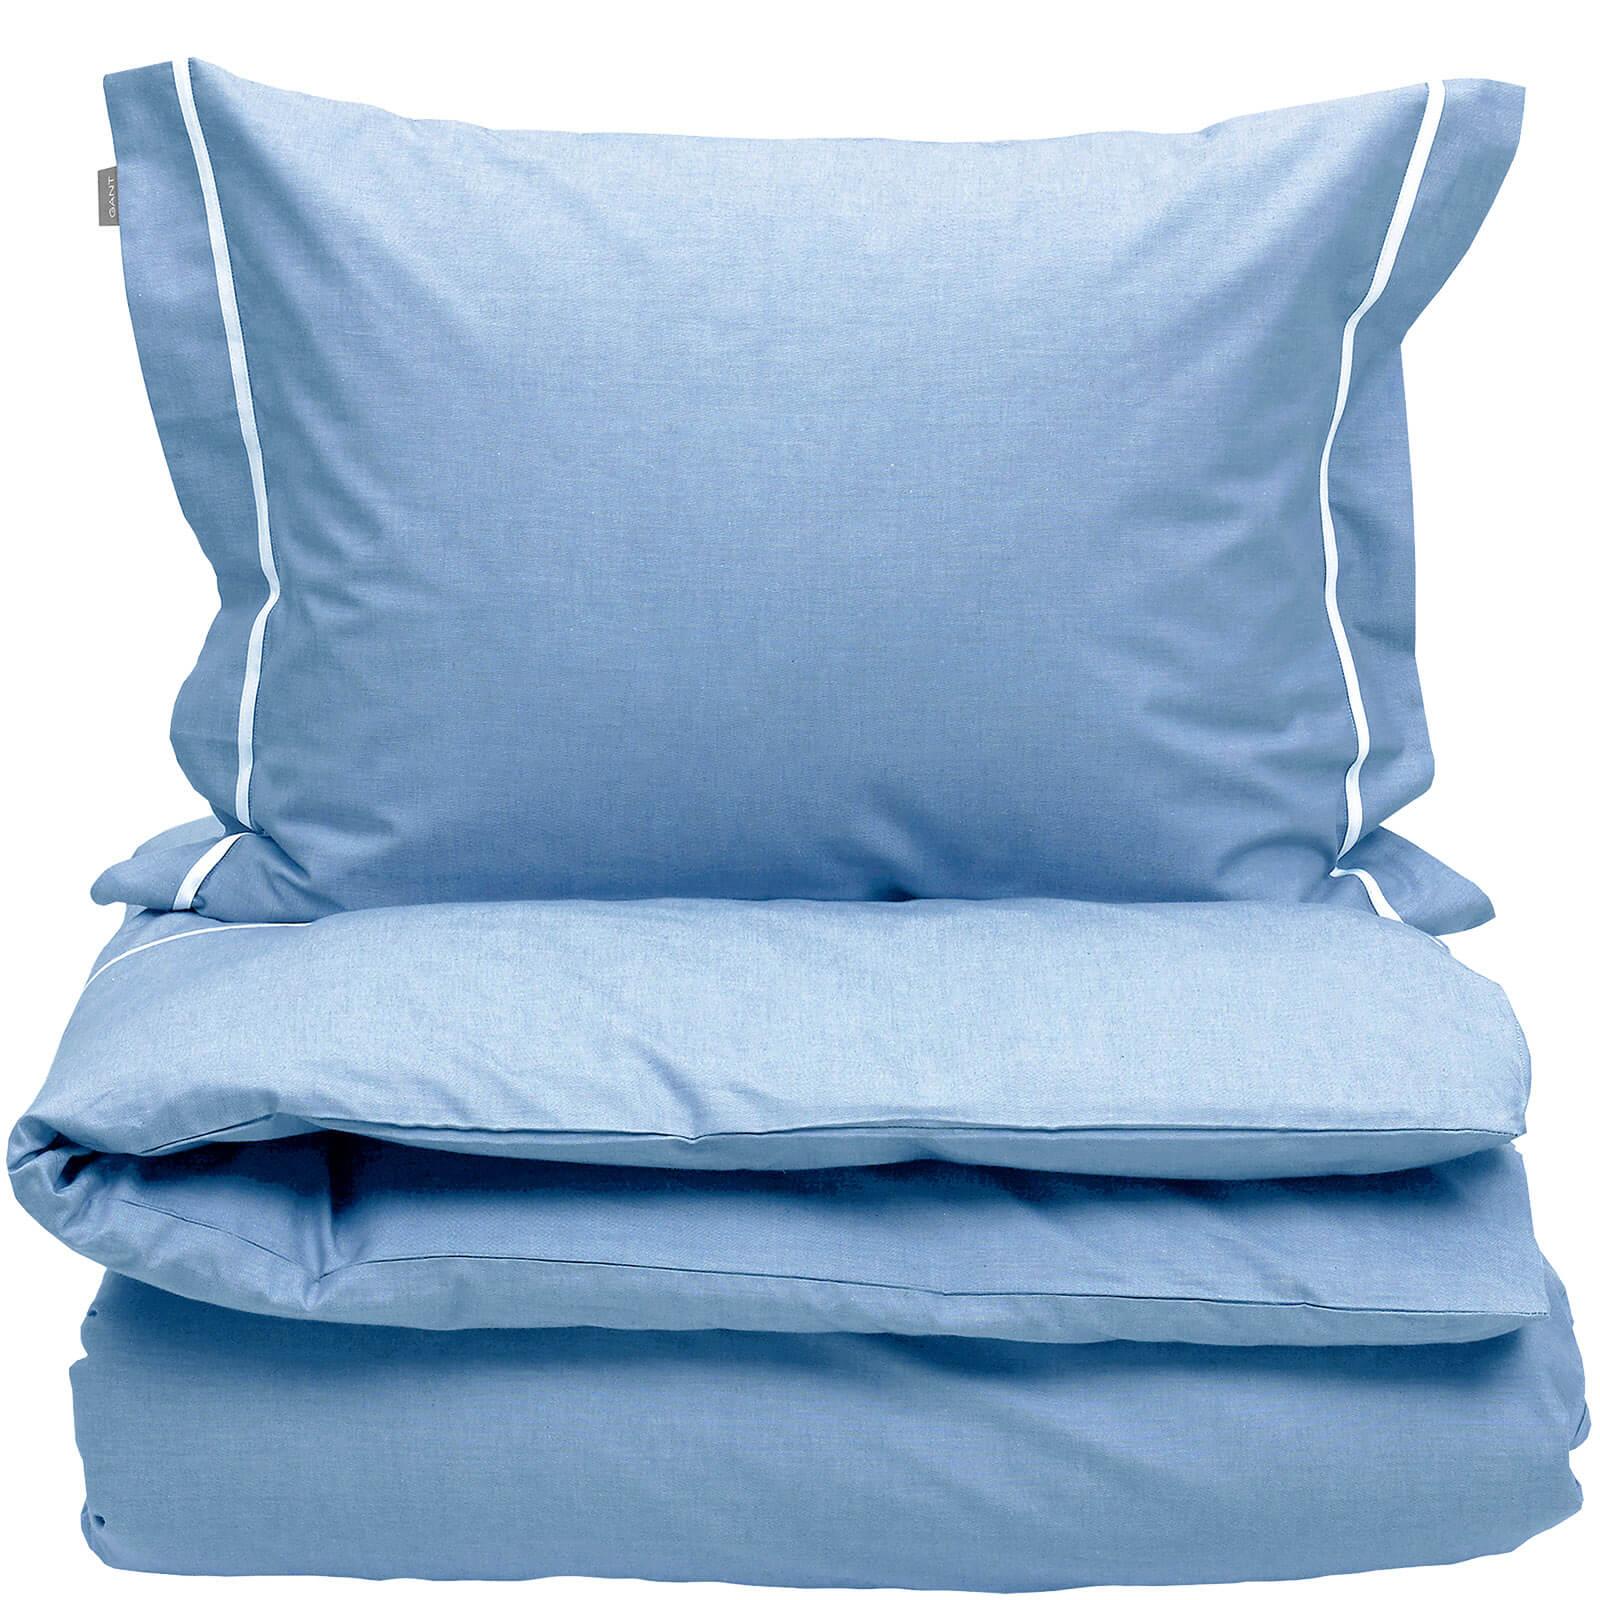 GANT Home New Oxford Duvet Cover - King - 240 x 220cm - Blue